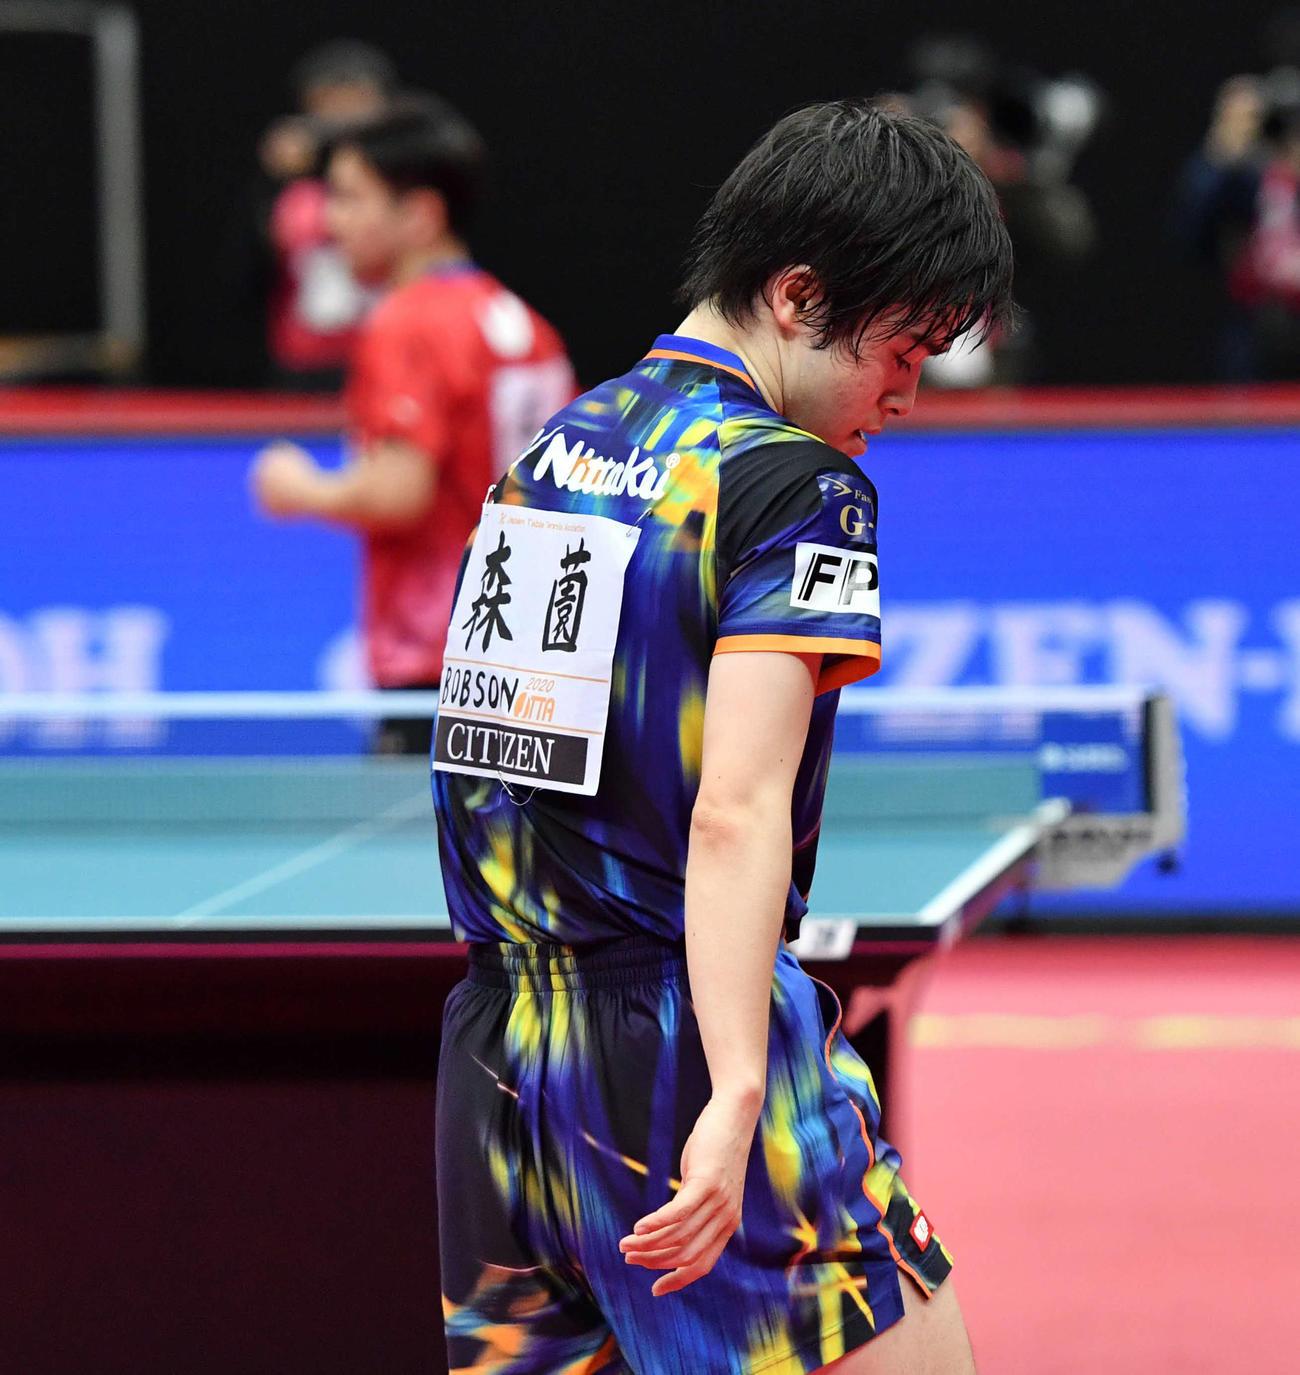 全日本卓球選手権男子シングルス決勝 失点し肩を落とす森薗政崇、左は及川瑞基(撮影・岩下翔太)